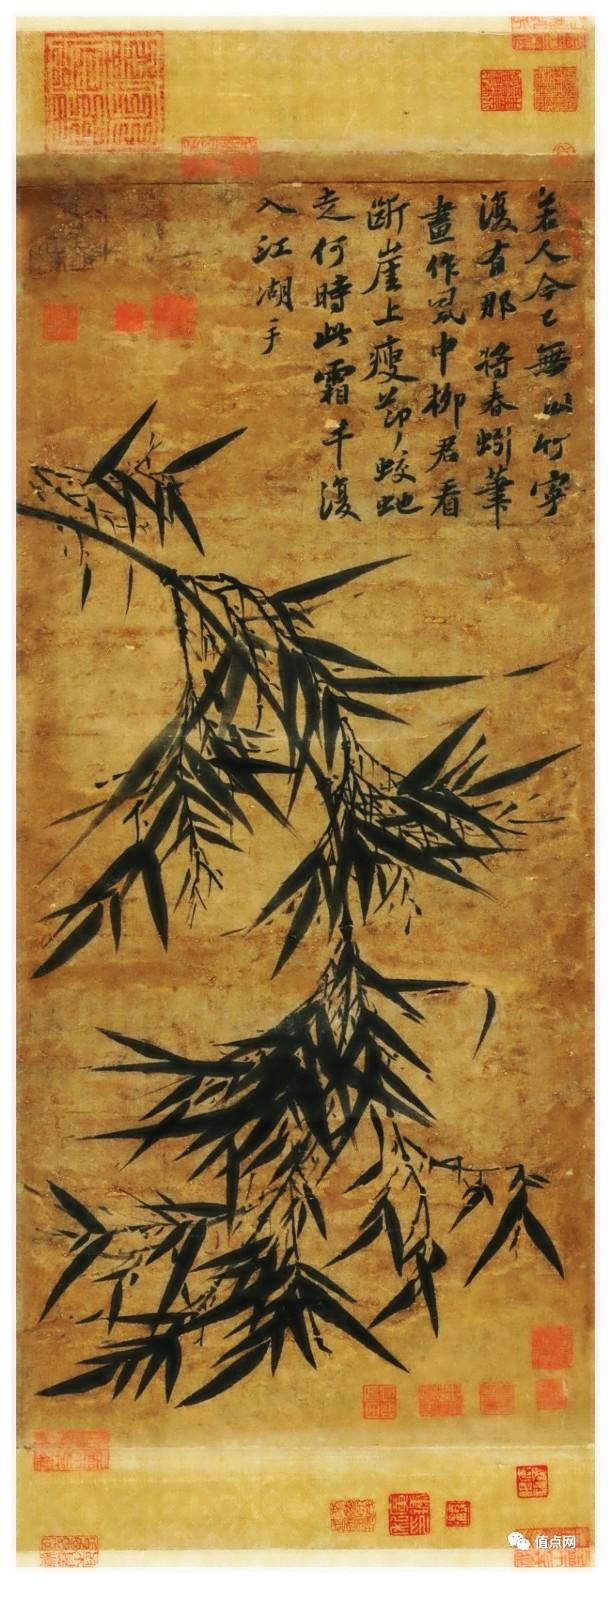 吴梓林的绘画与书法_图1-1